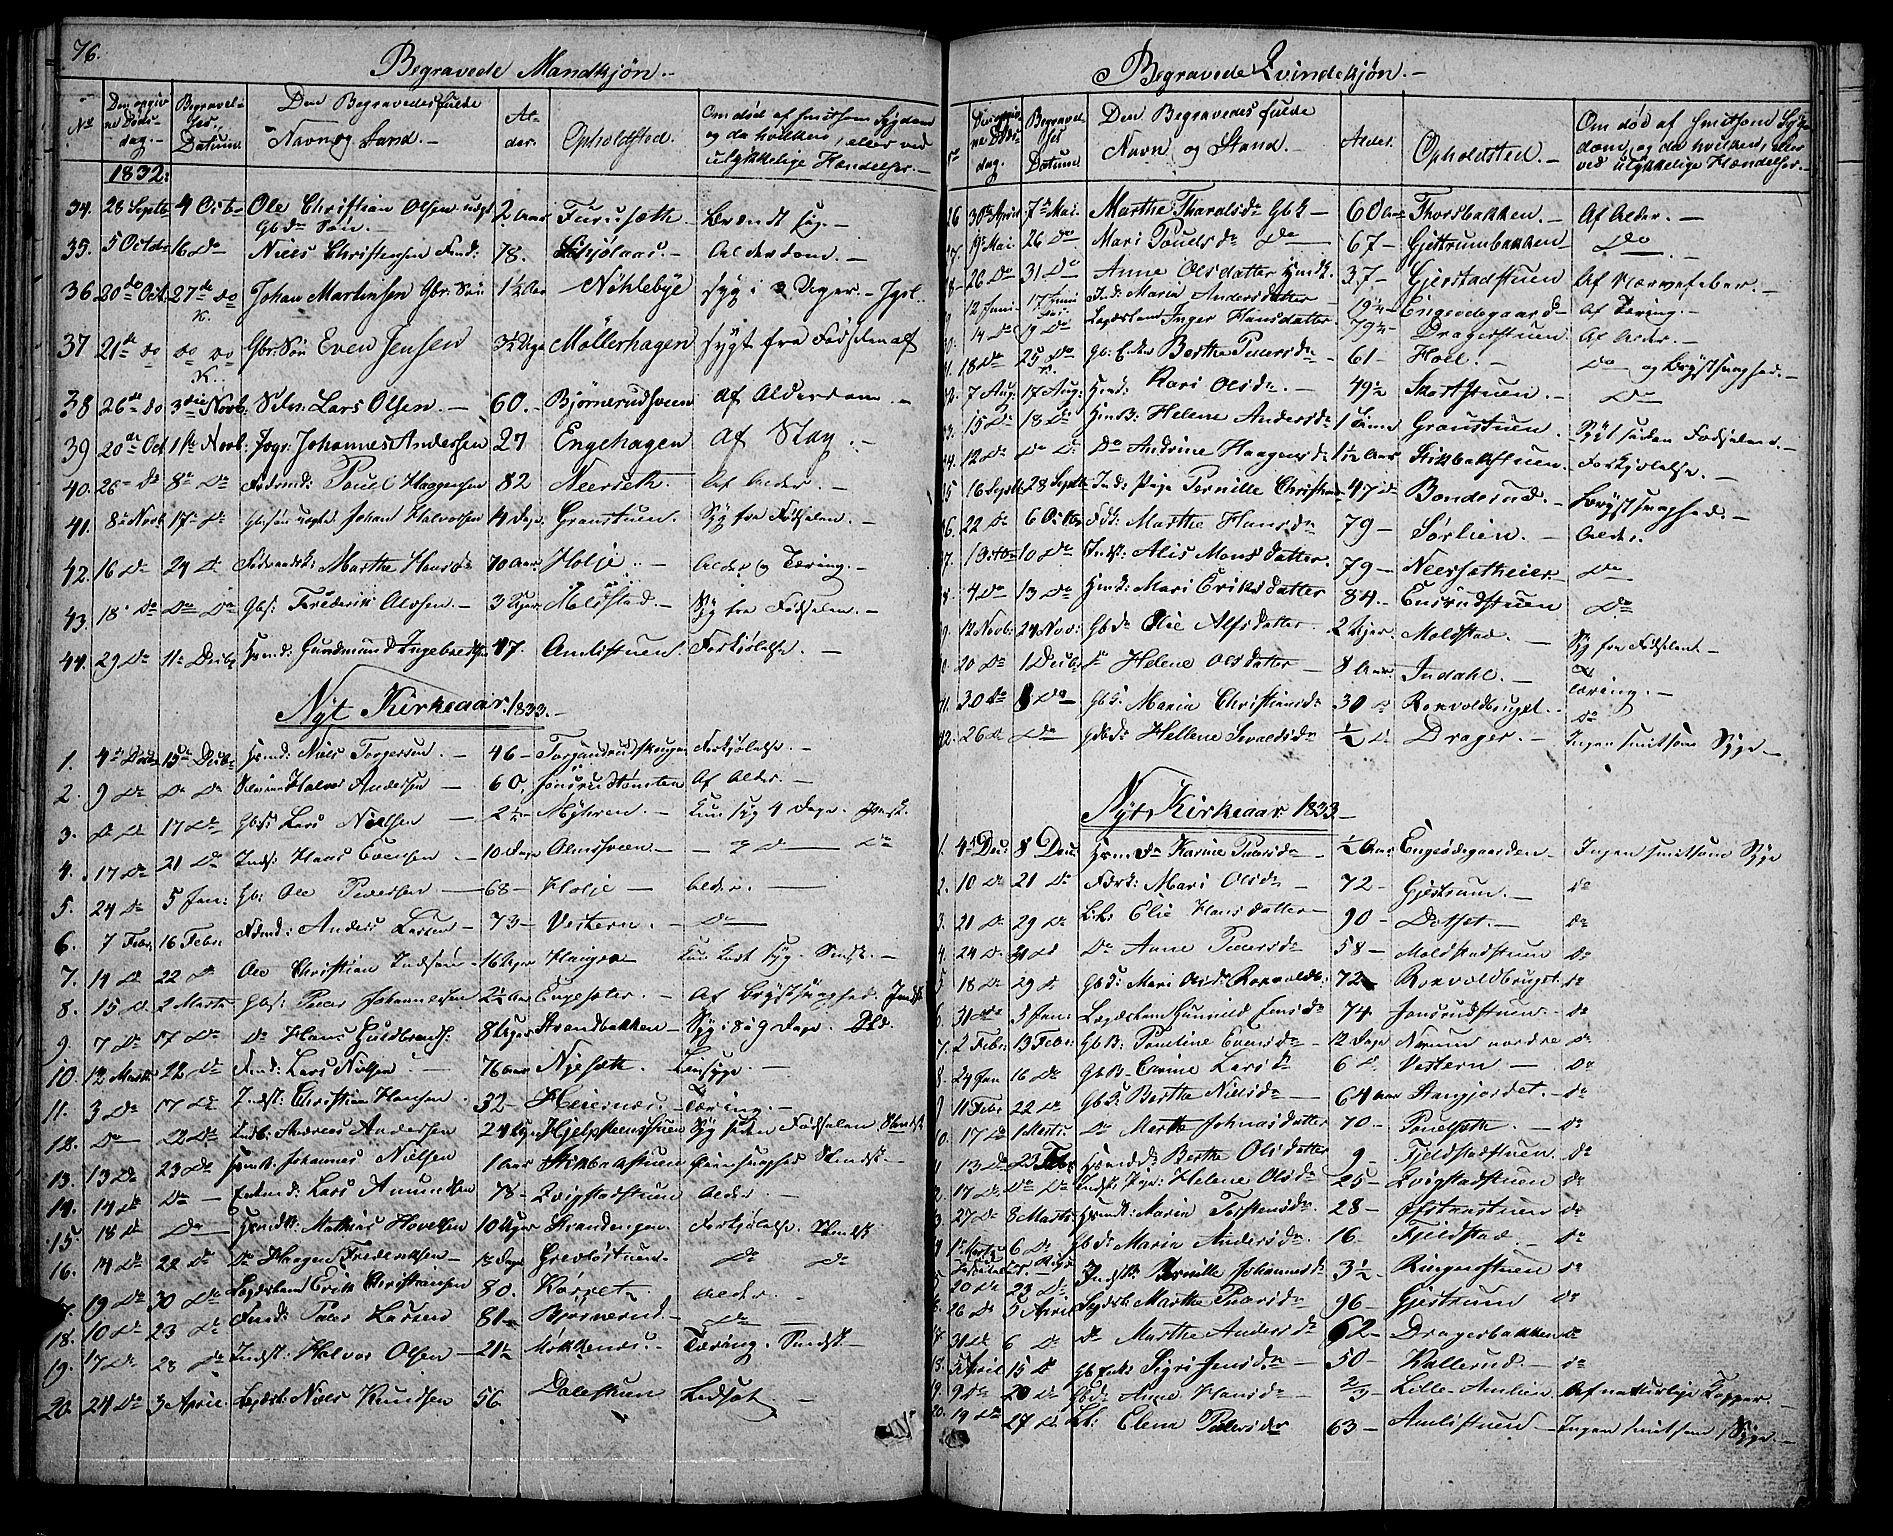 SAH, Vestre Toten prestekontor, H/Ha/Hab/L0001: Klokkerbok nr. 1, 1830-1836, s. 76